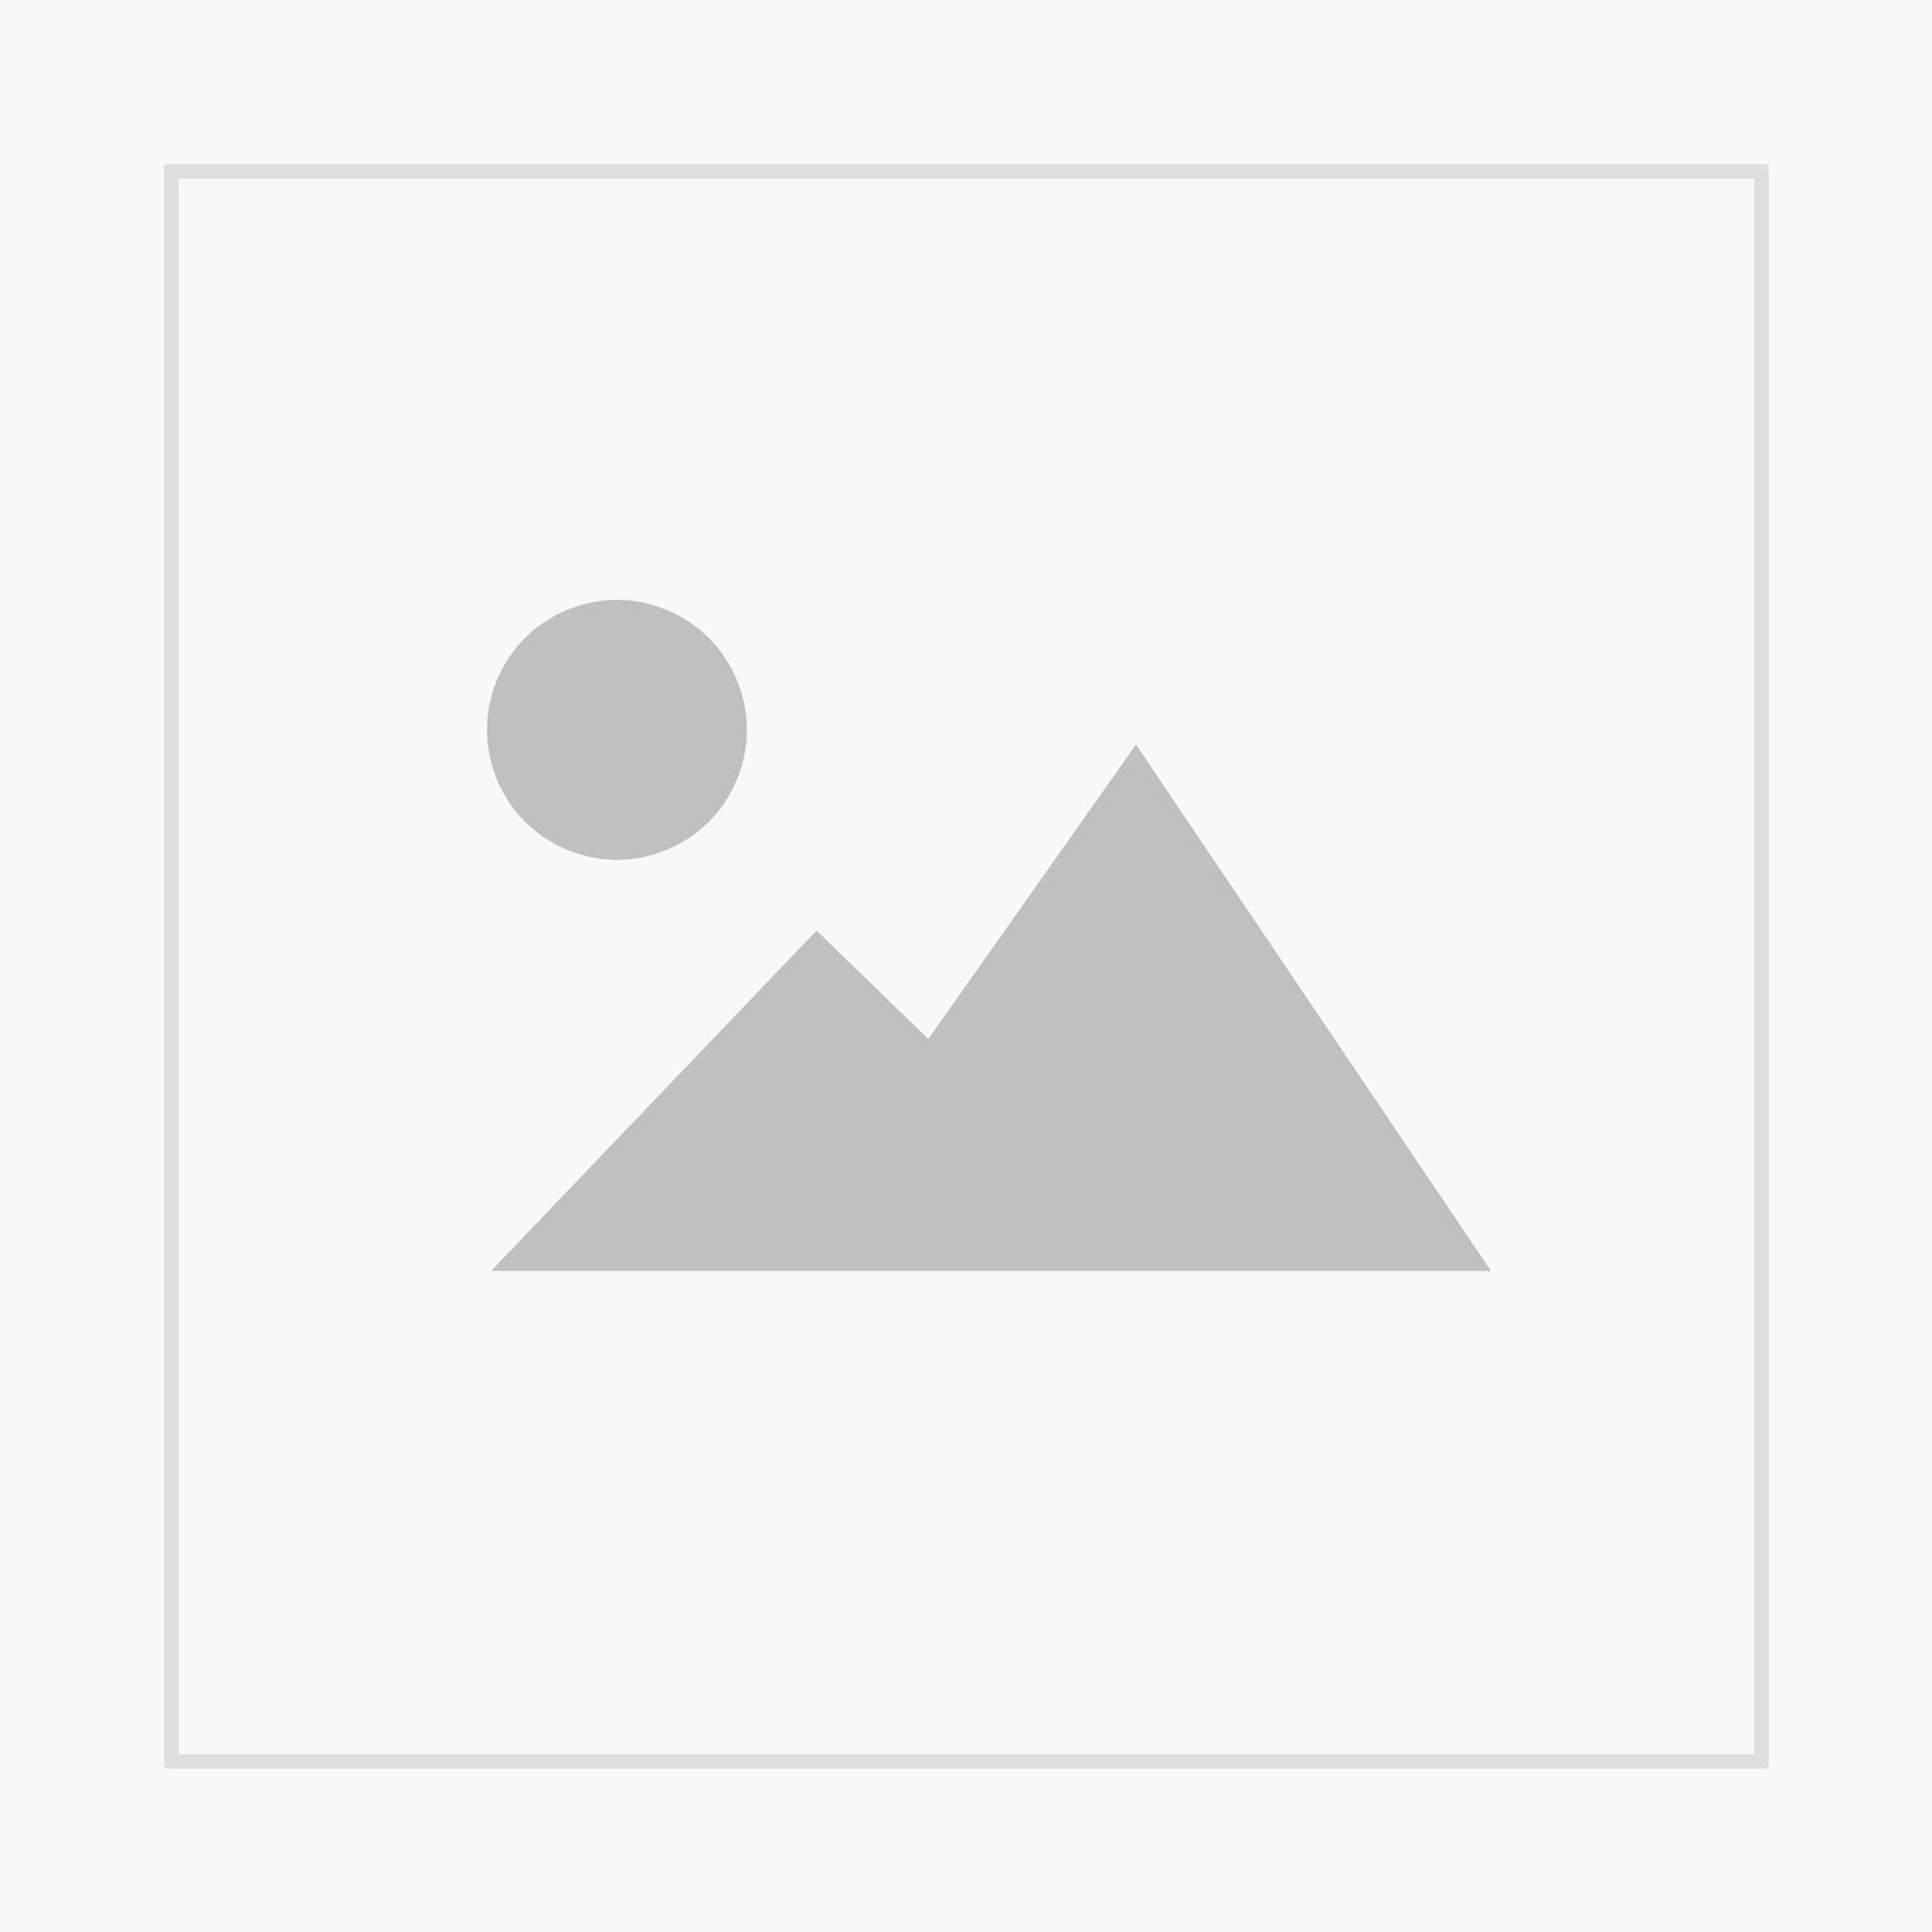 hygge 8 (5/2018)